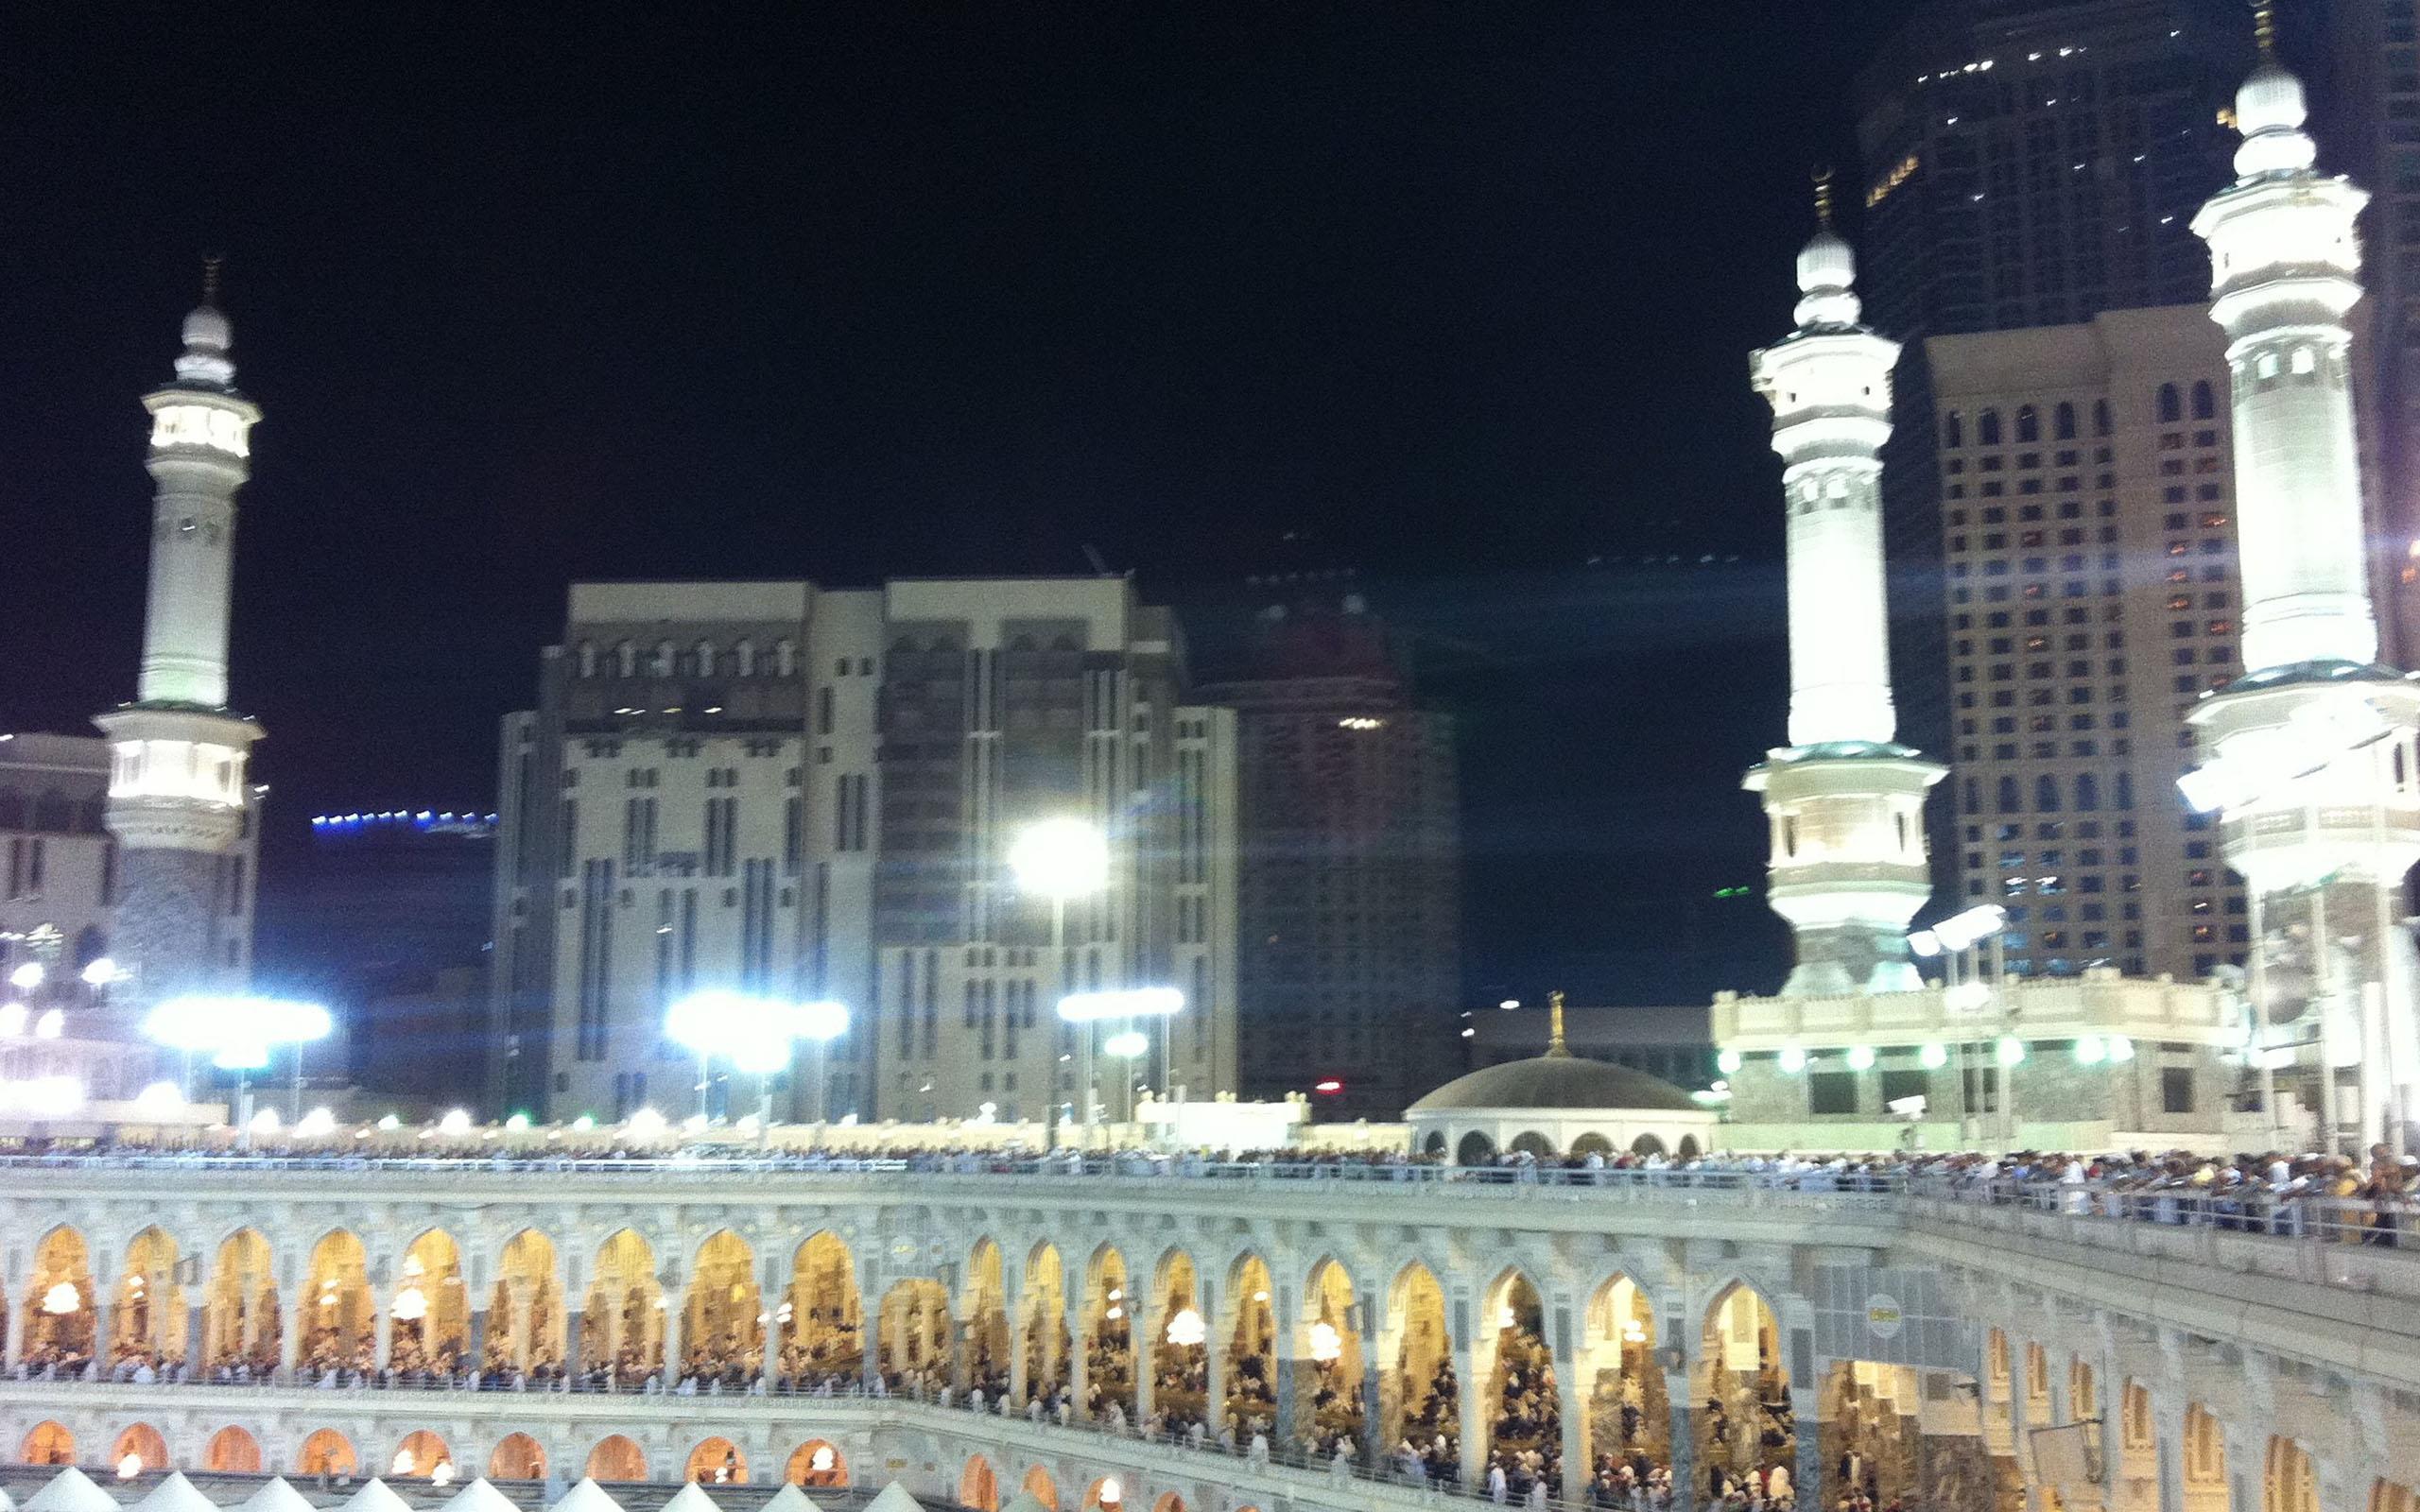 Mecca and madina photos